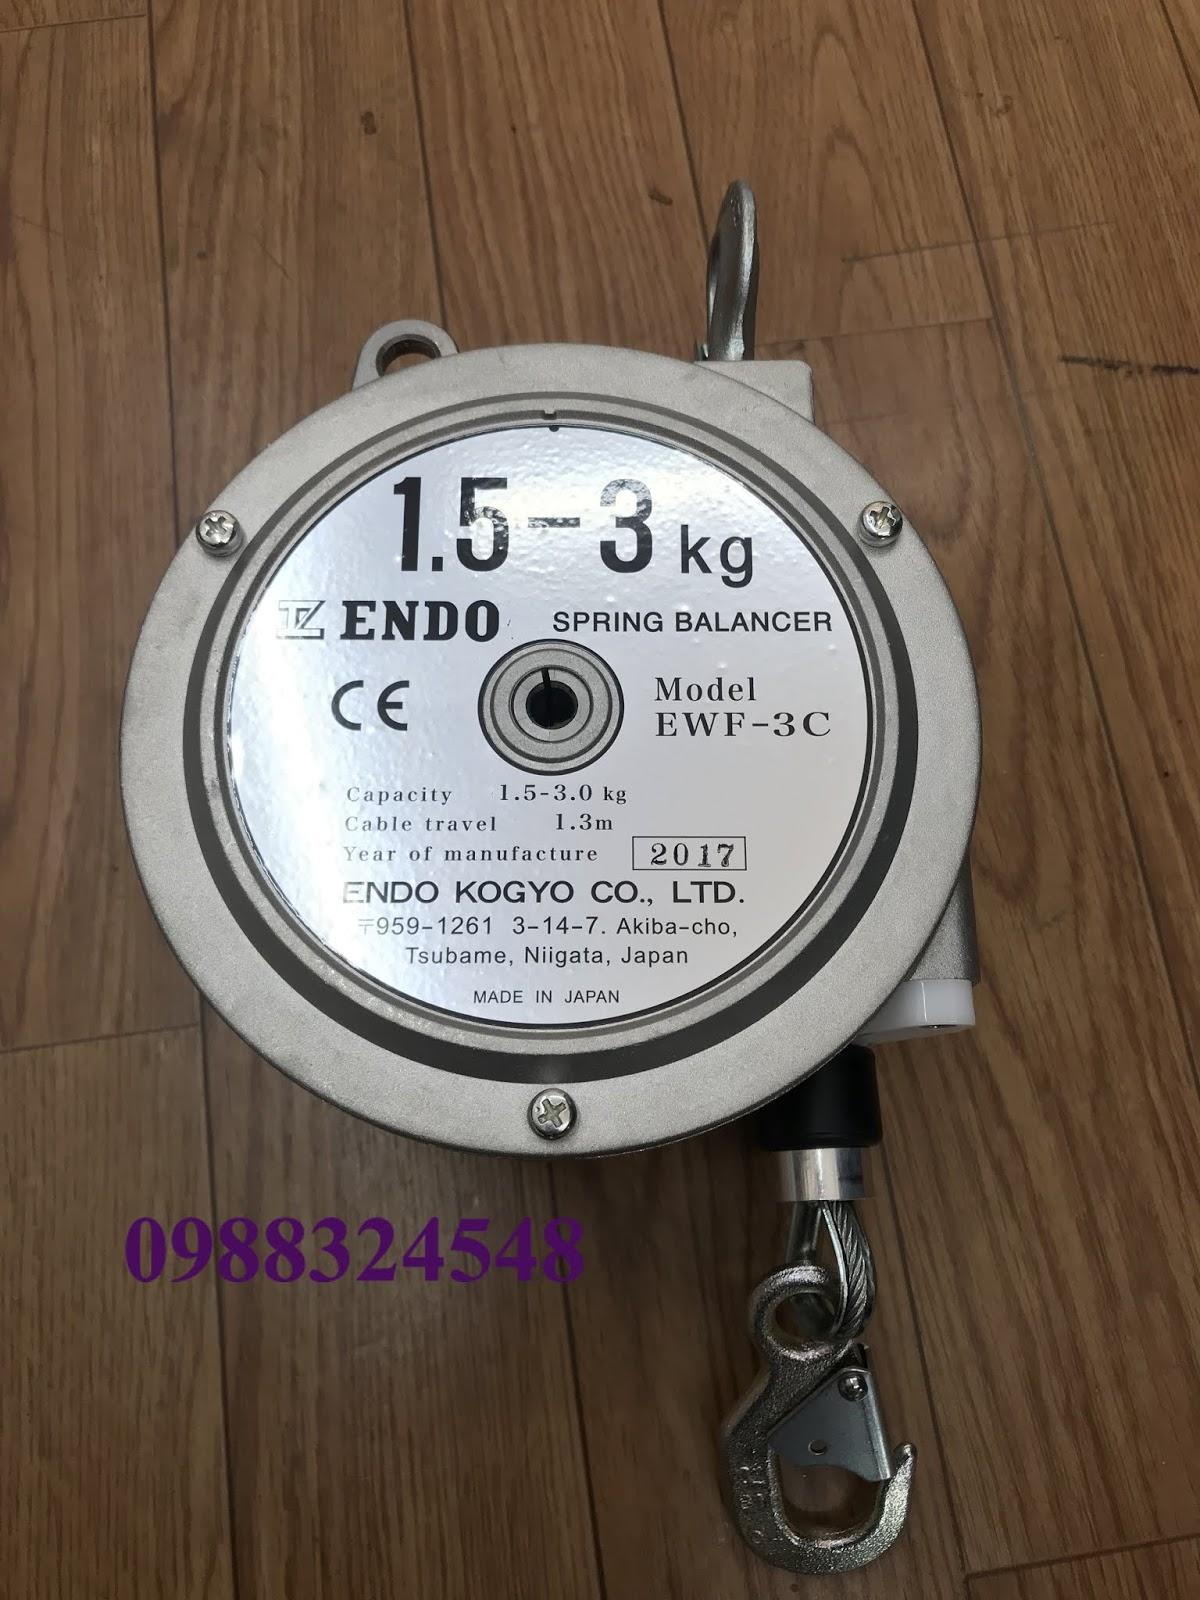 Pa lăng cân bằng Endo EWF-3C